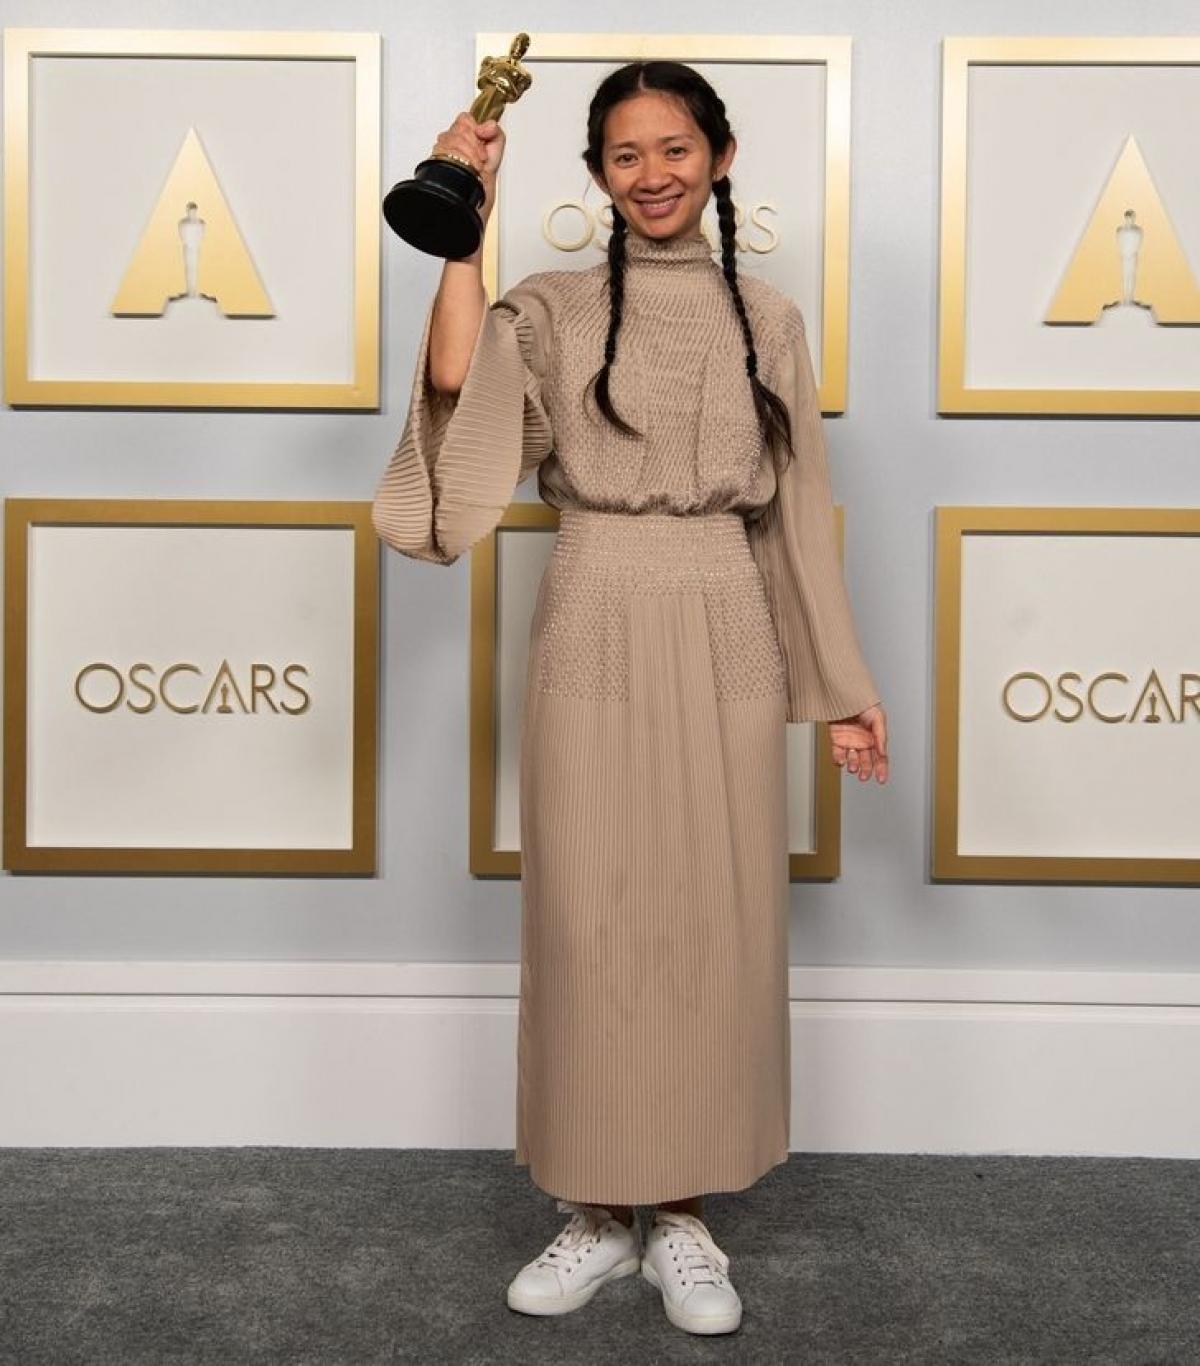 Nữ đạo diễn Chloé Zhao đã đếnlễ trao giải Oscar 2021 trong một chiếc váy Hermès - và đôi giày thể thao. Trong khi giày cao gót được coi là thích hợp cho một sự kiện như vậy. Tuy nhiên, việc phá vỡ quy tắc này củaChloé Zhao khá hợp lý vì phải mang giày cao gót trong một thời gian dài suốt buổi lễ là một cực hình thực sự.